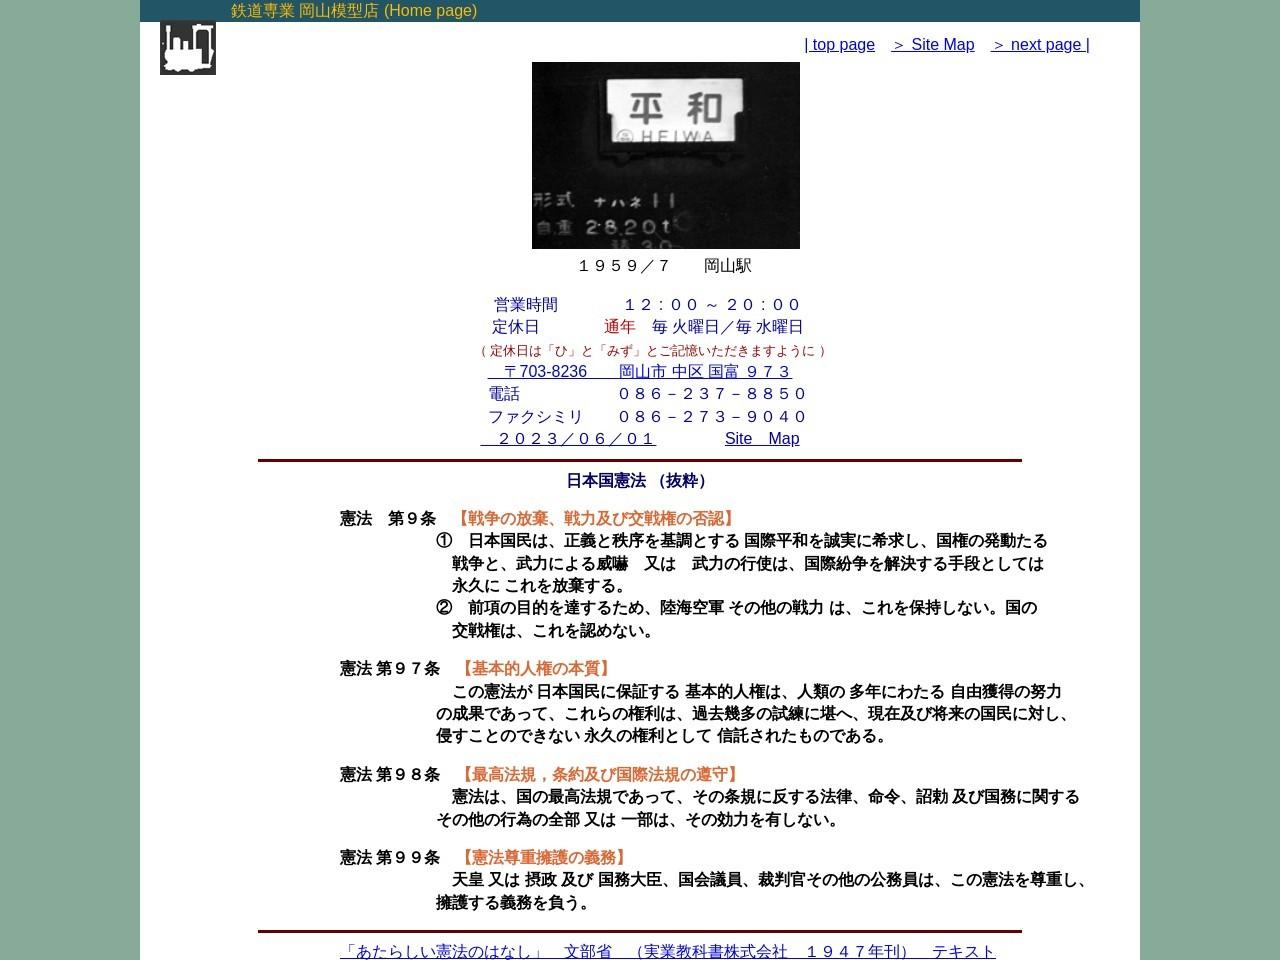 鉄道模型専業 岡山模型店DAN (16番ゲージ等)